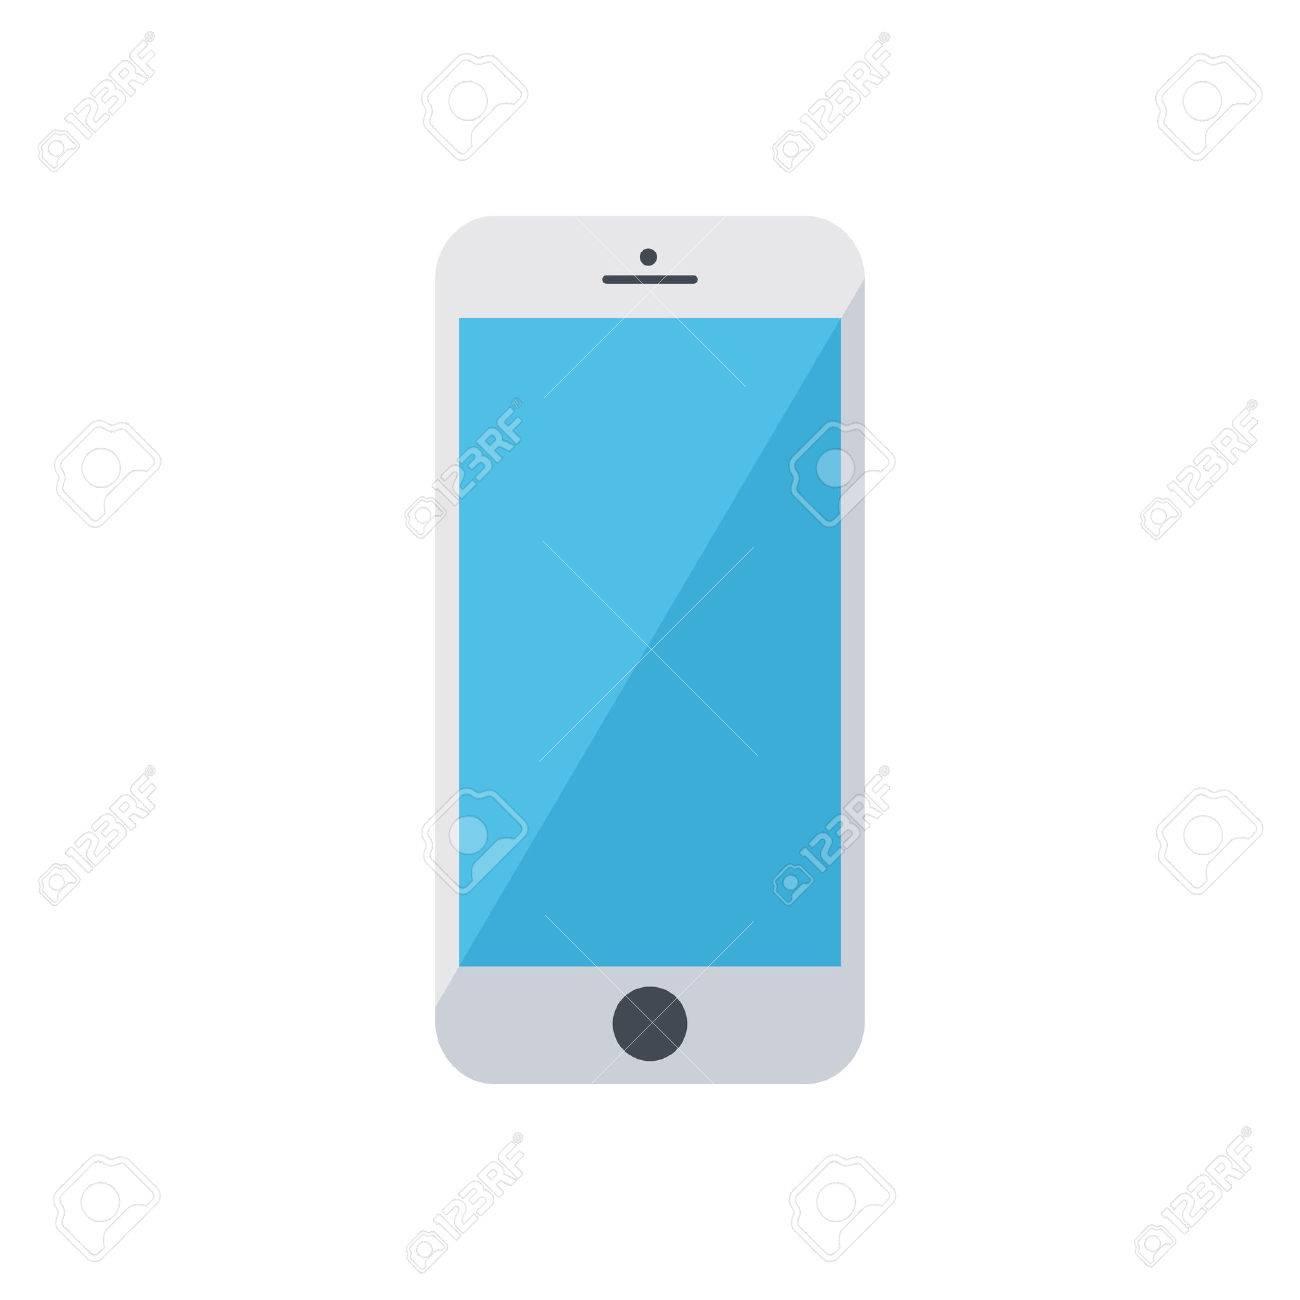 Smartphone. Stock Vector - 37673362